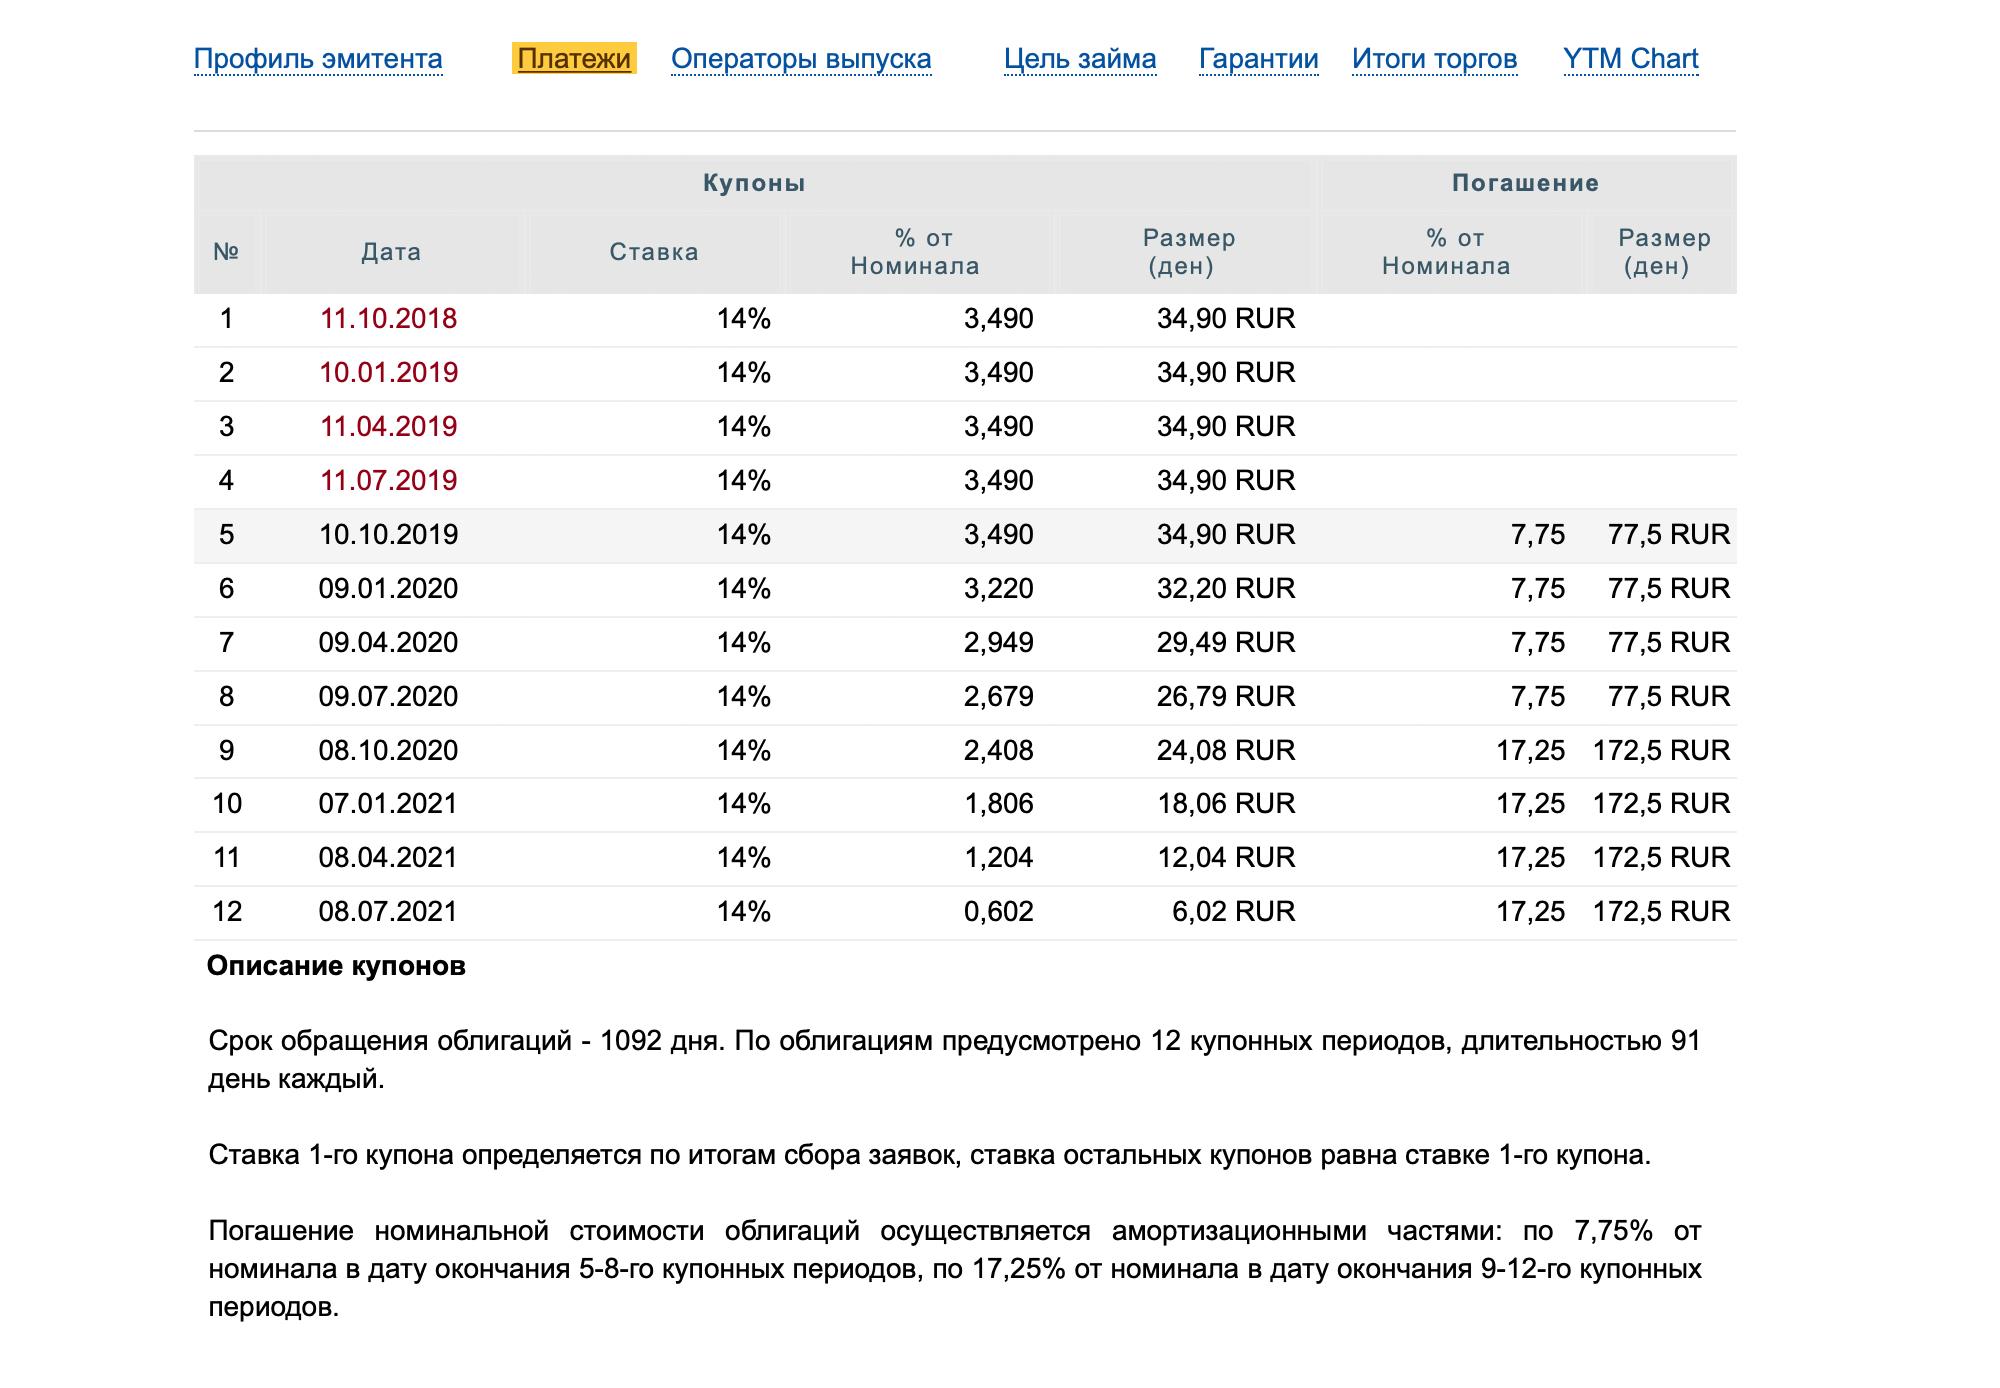 Амортизация облигации «Легенда 1Р1» с сайта bonds.finam.ru. Купонные платежи с шестого по двенадцатый постепенно уменьшаются, потому что вместе с платежом компания возвращает часть номинальной стоимости облигации